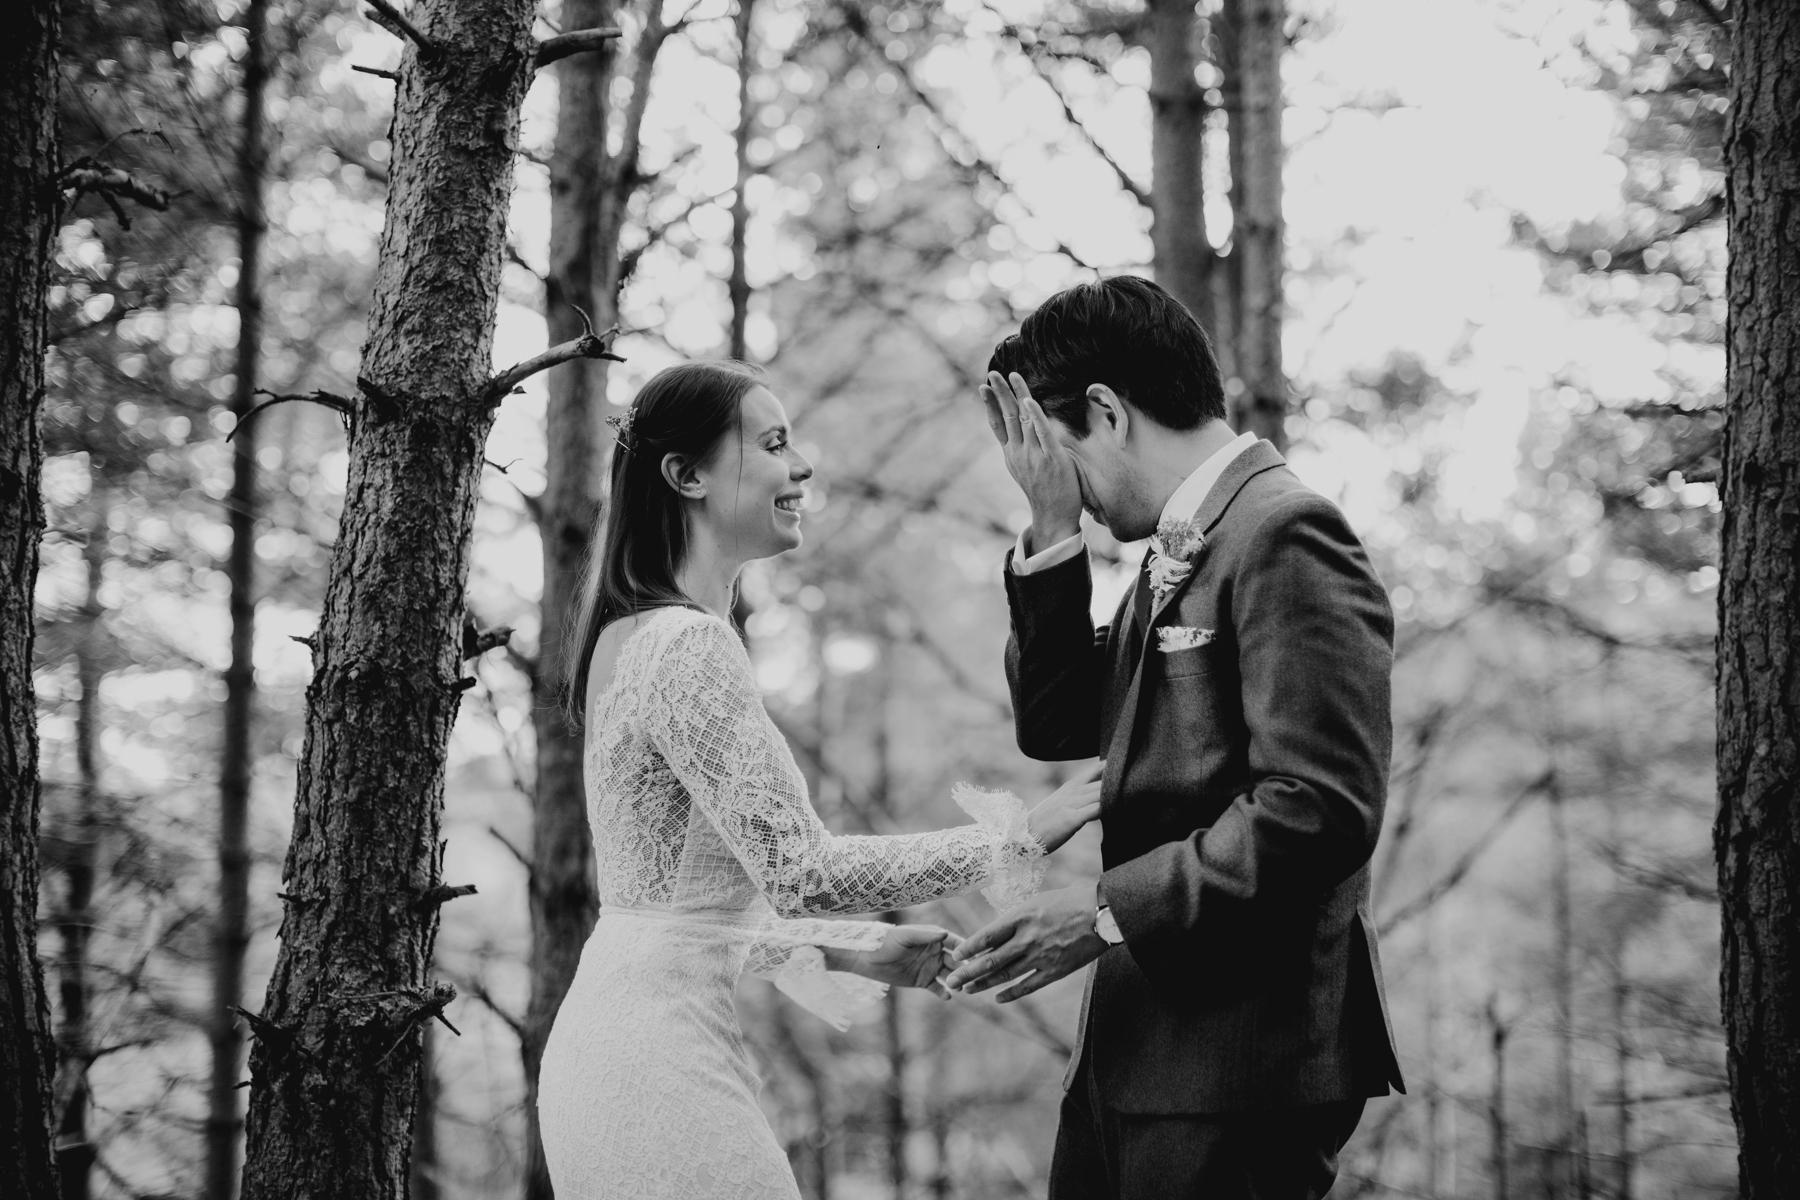 苏格兰的婚礼摄影师| 这对夫妻沉浸在当下并感慨万千